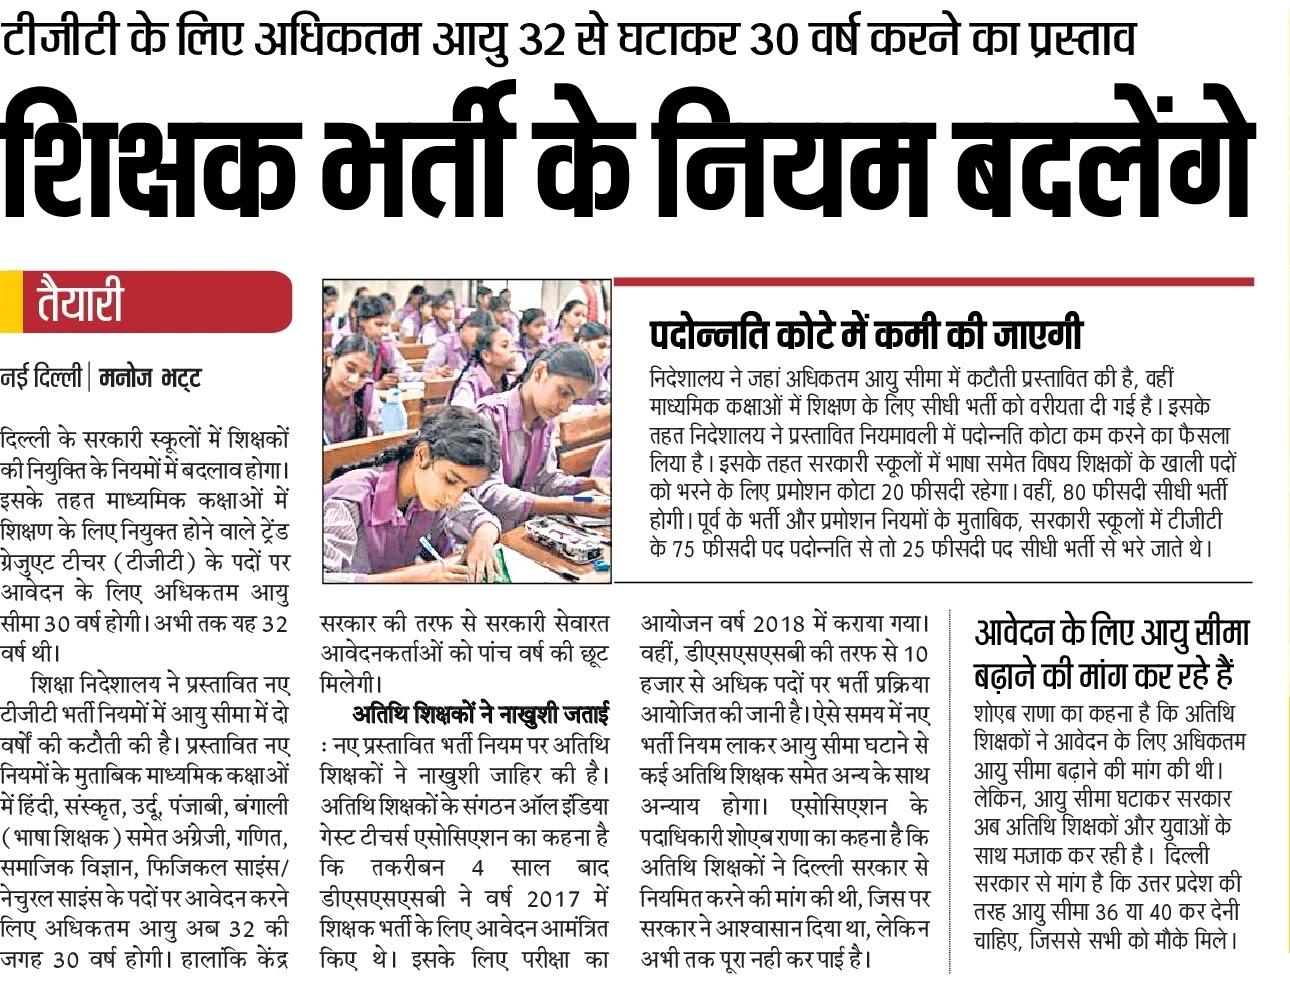 tgt shikshak bharti latest news - टीजीटी के लिए अधिकतम आयु 32 से घटाकर 30 वर्ष करने का प्रस्ताव,